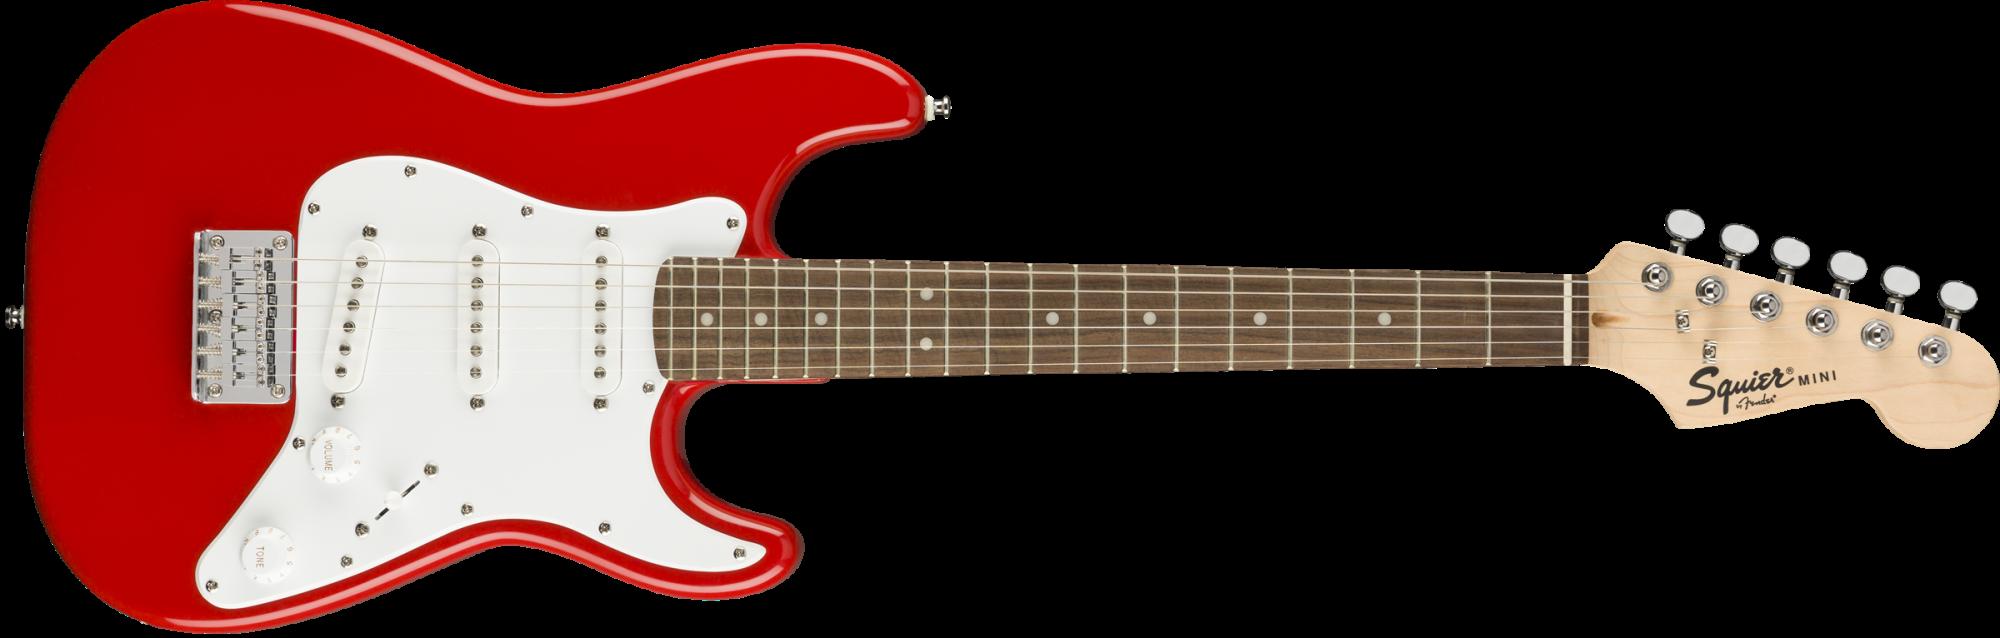 Fender Squier Mini Stratocaster - 3/4 Size - Torino Red